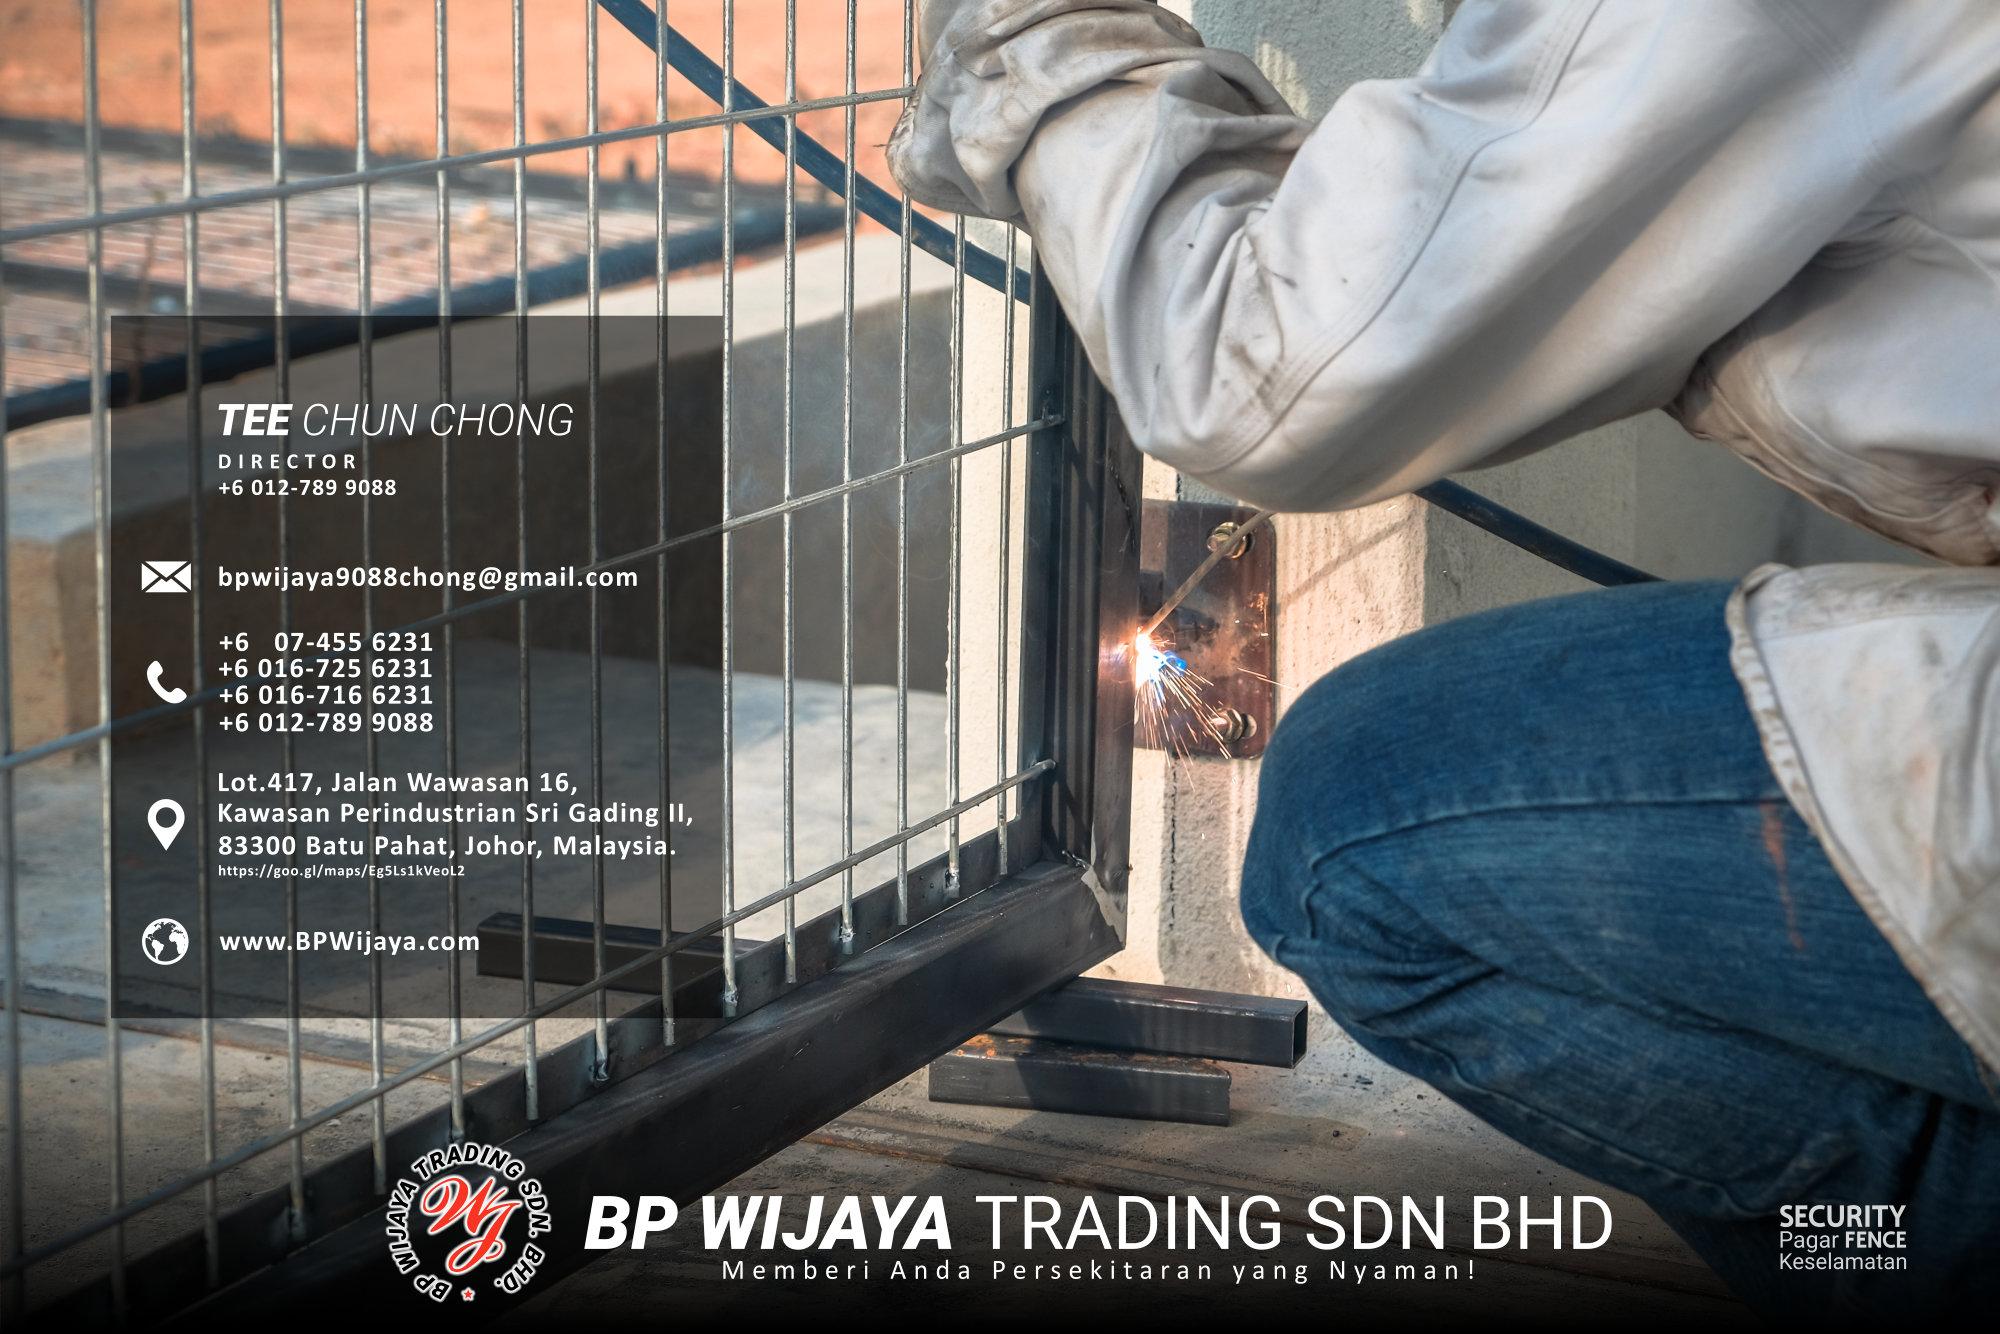 Pembekal Kuala Lumpur Pagar Keselamatan kami merupakan pengilang pagar keselamatan BP Wijaya Trading Sdn Bhd Pagar Taman Pagar Bangunan Pagar Kilang Pagar Rumah Pemborong Pagar Keselamatan A03-019